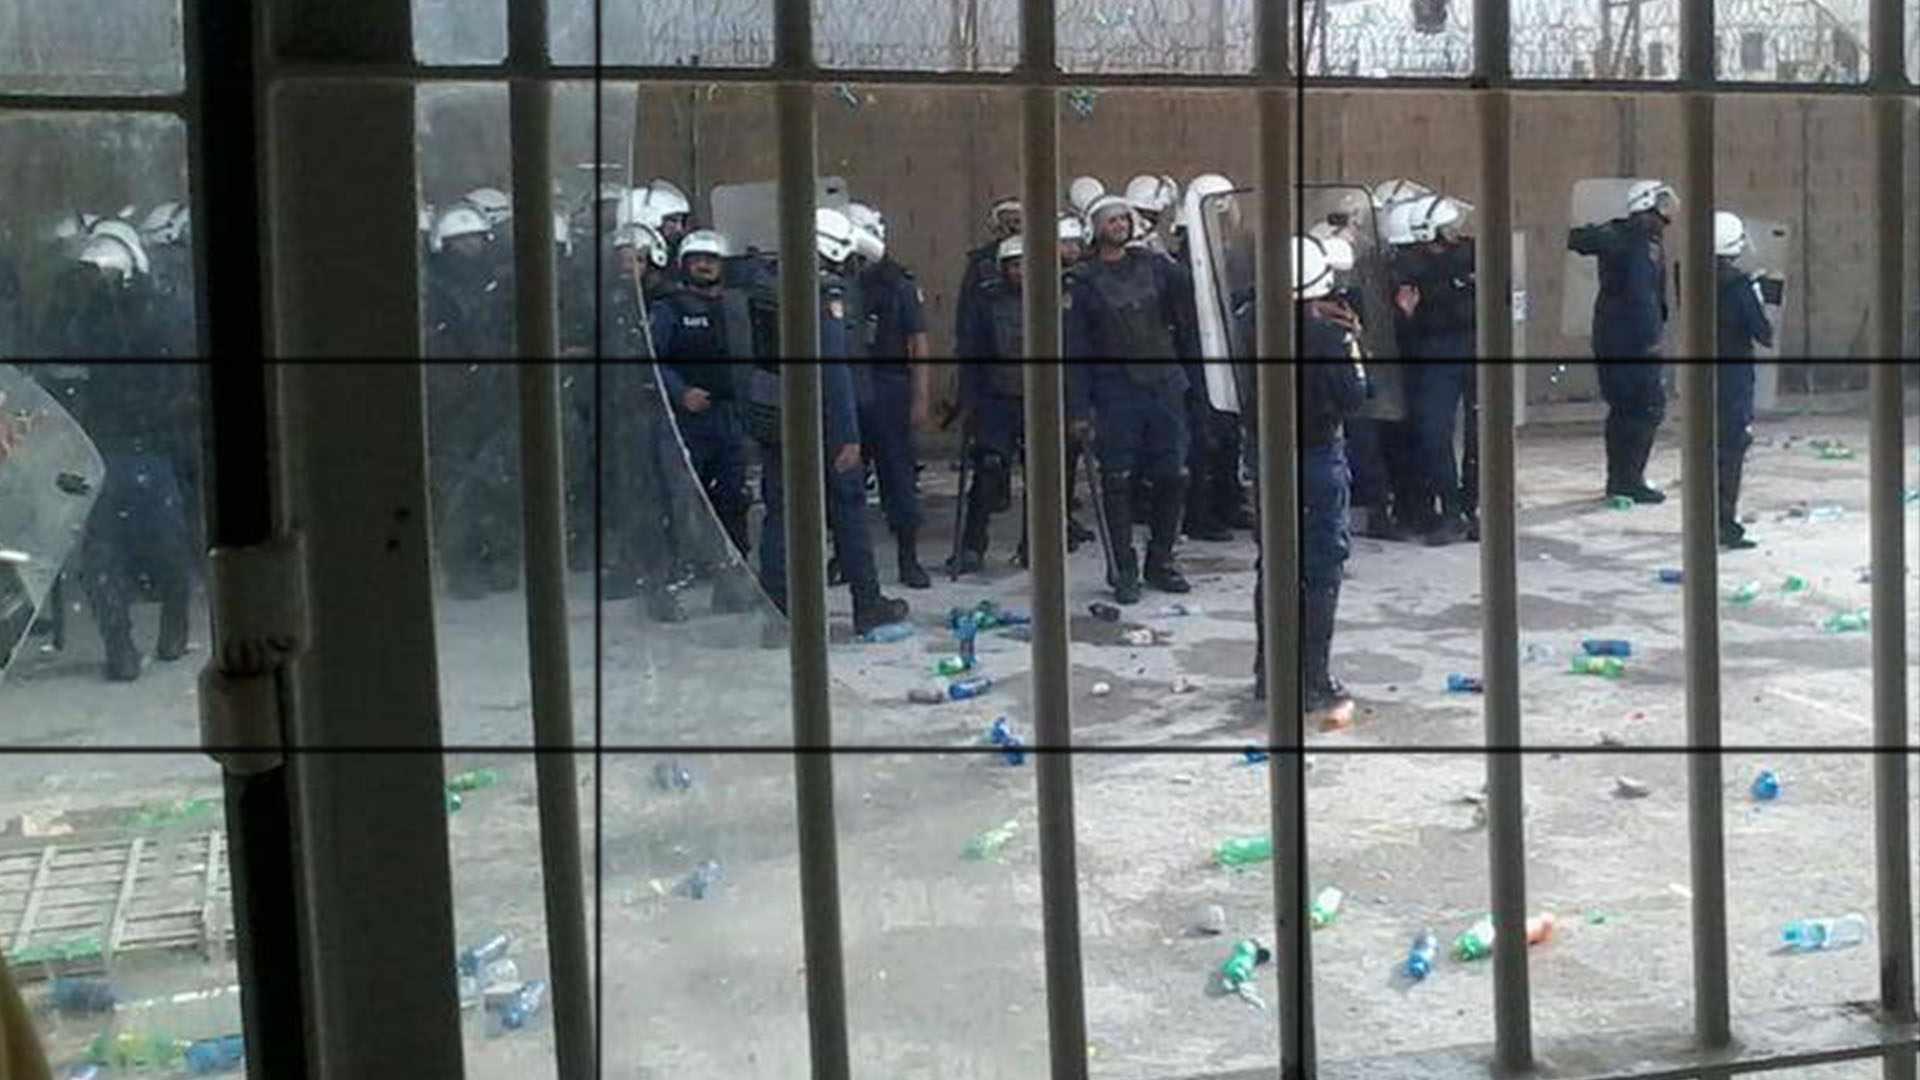 الاضطهاد الطائفيّ في سجون البحرين بلغ ذروته: الصلاة ممنوعة!